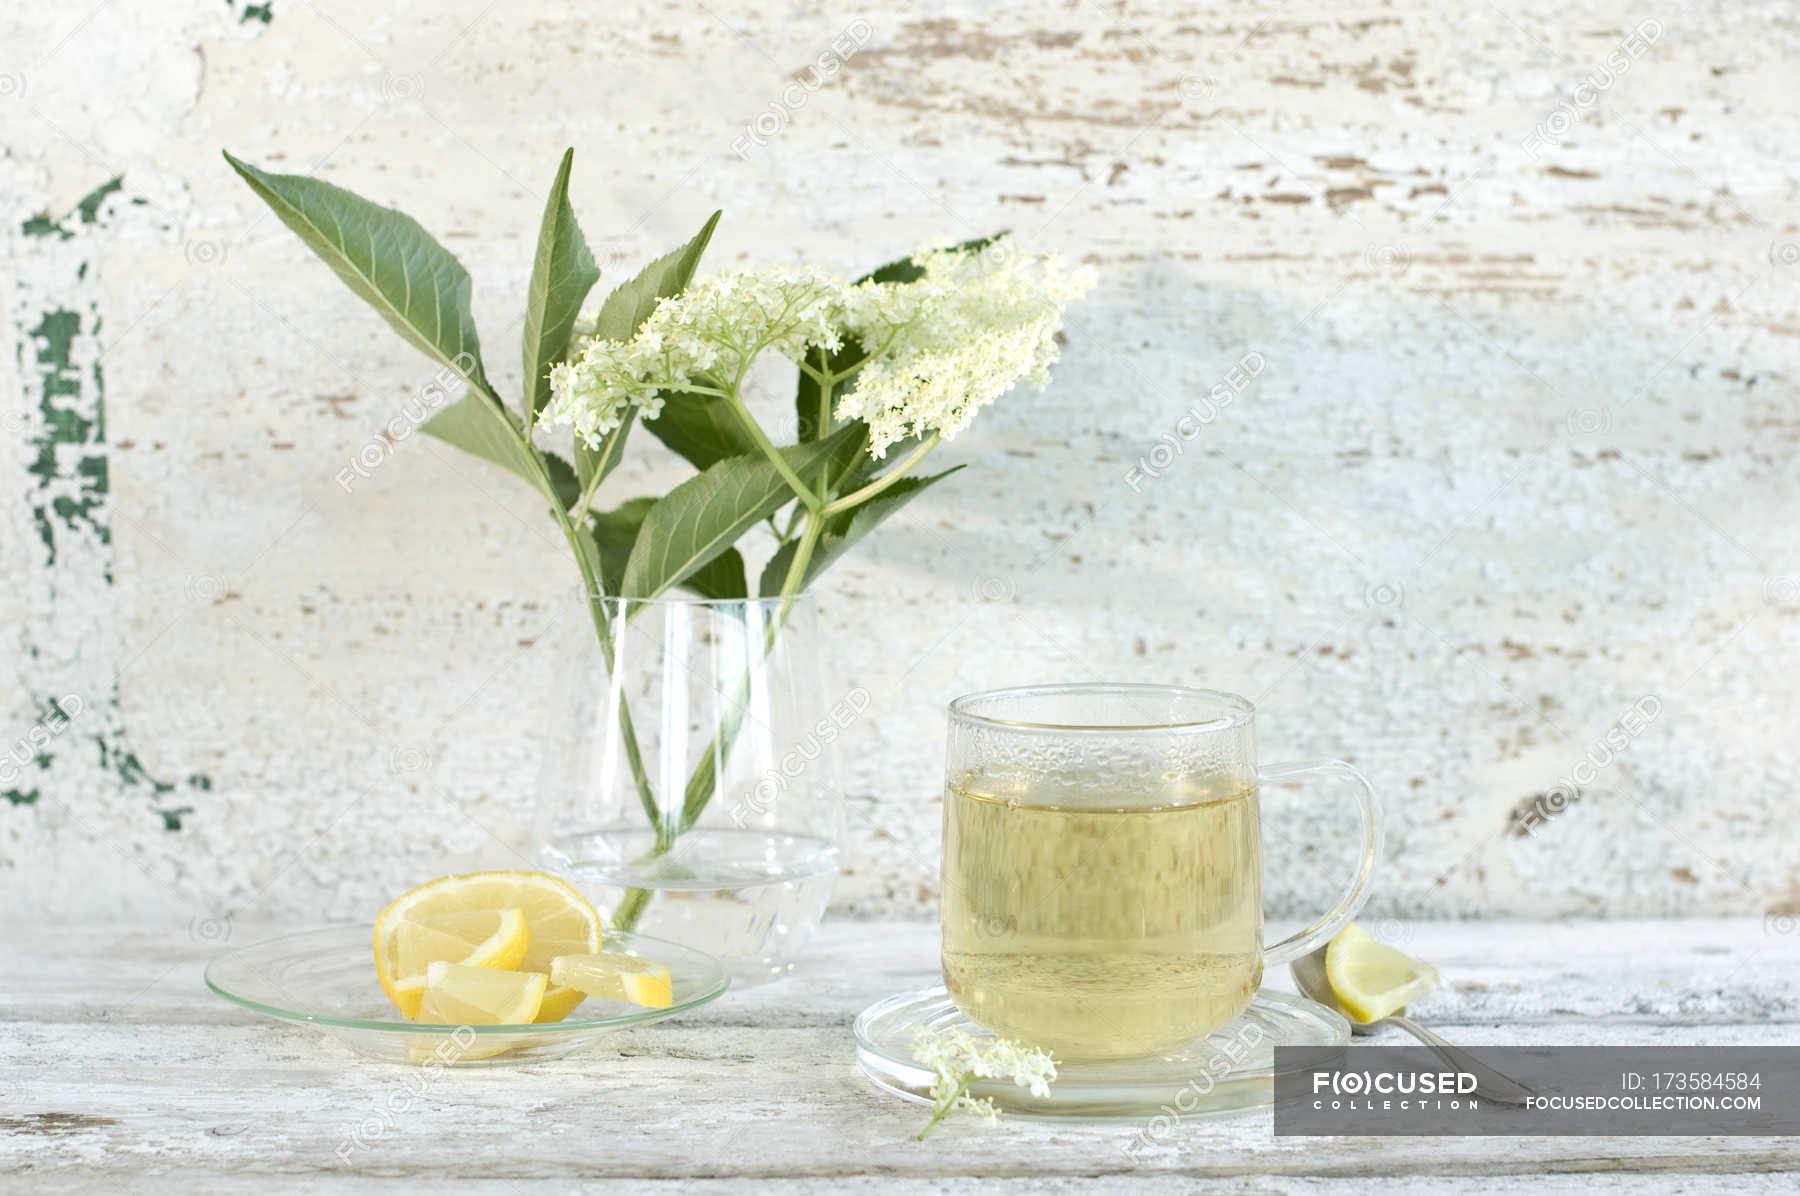 Elder Flower Tea Elderflowers And Lemon Slices Still Life